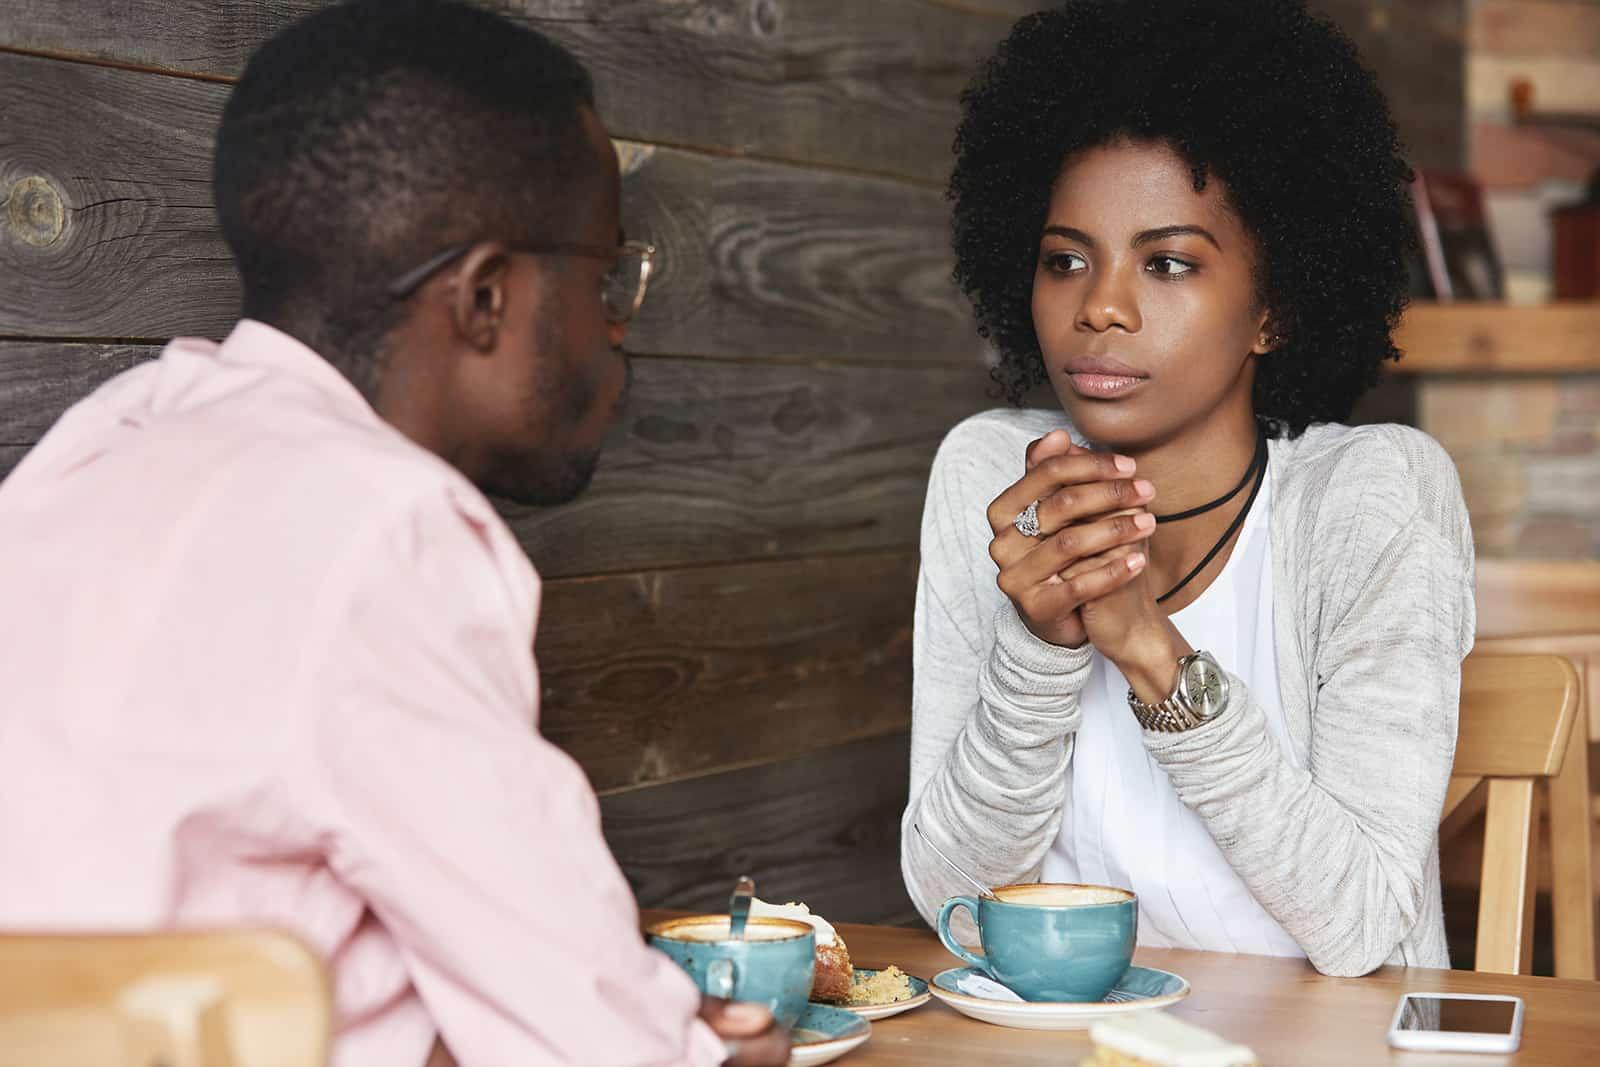 Ein Mann und eine Frau führen ein ernstes Gespräch im Café